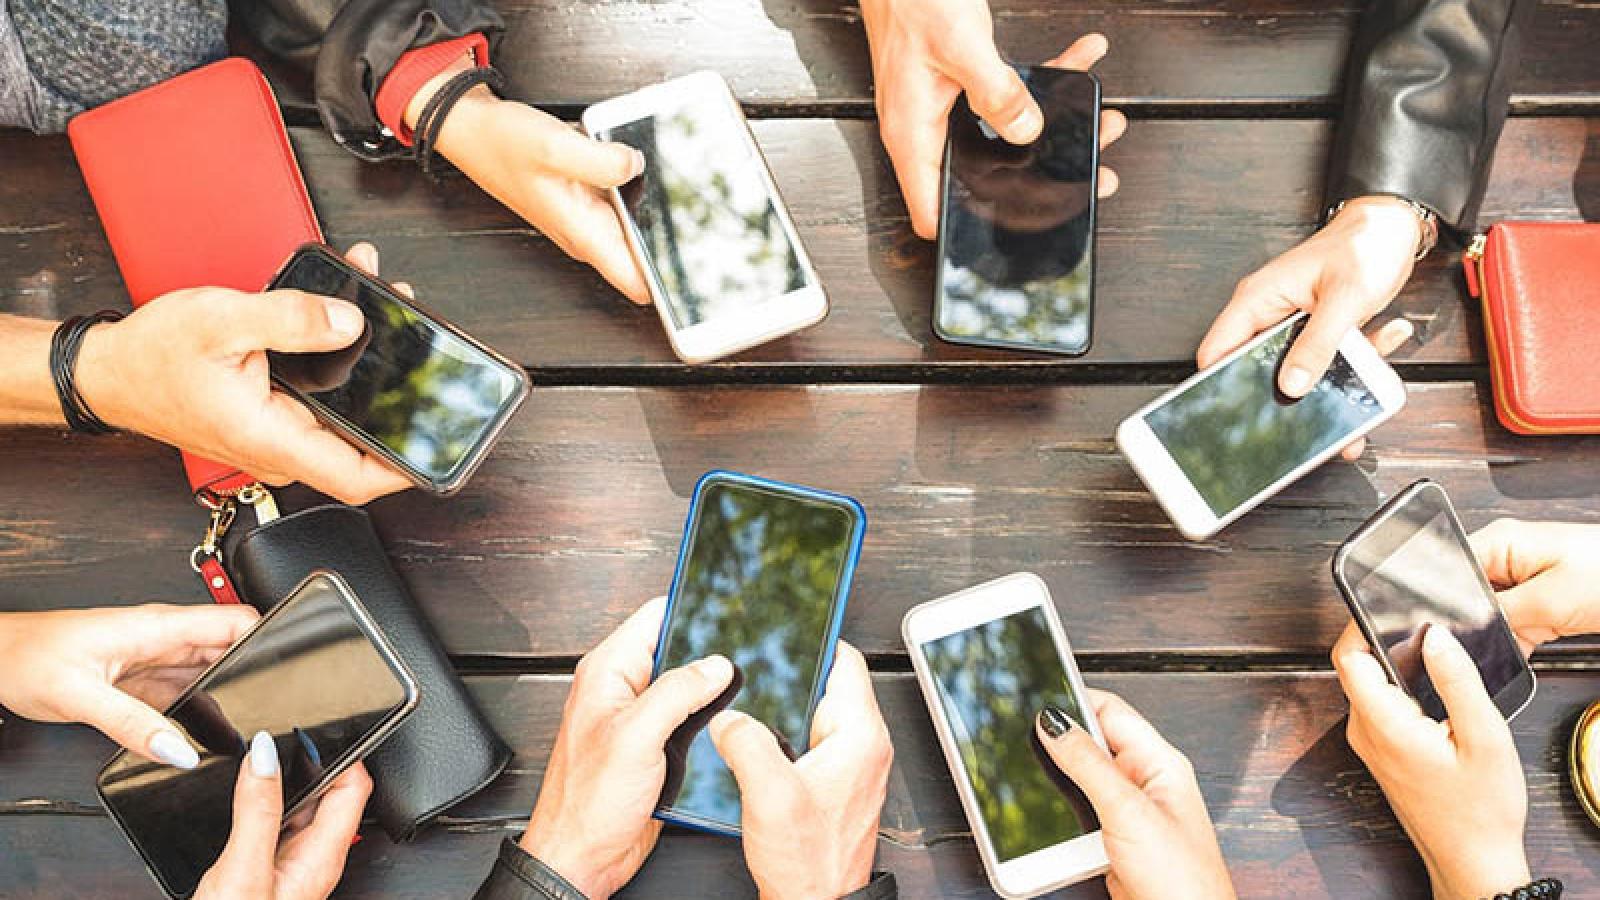 Các mẫu smartphone cũ có thể cân nhắc mua để dùng